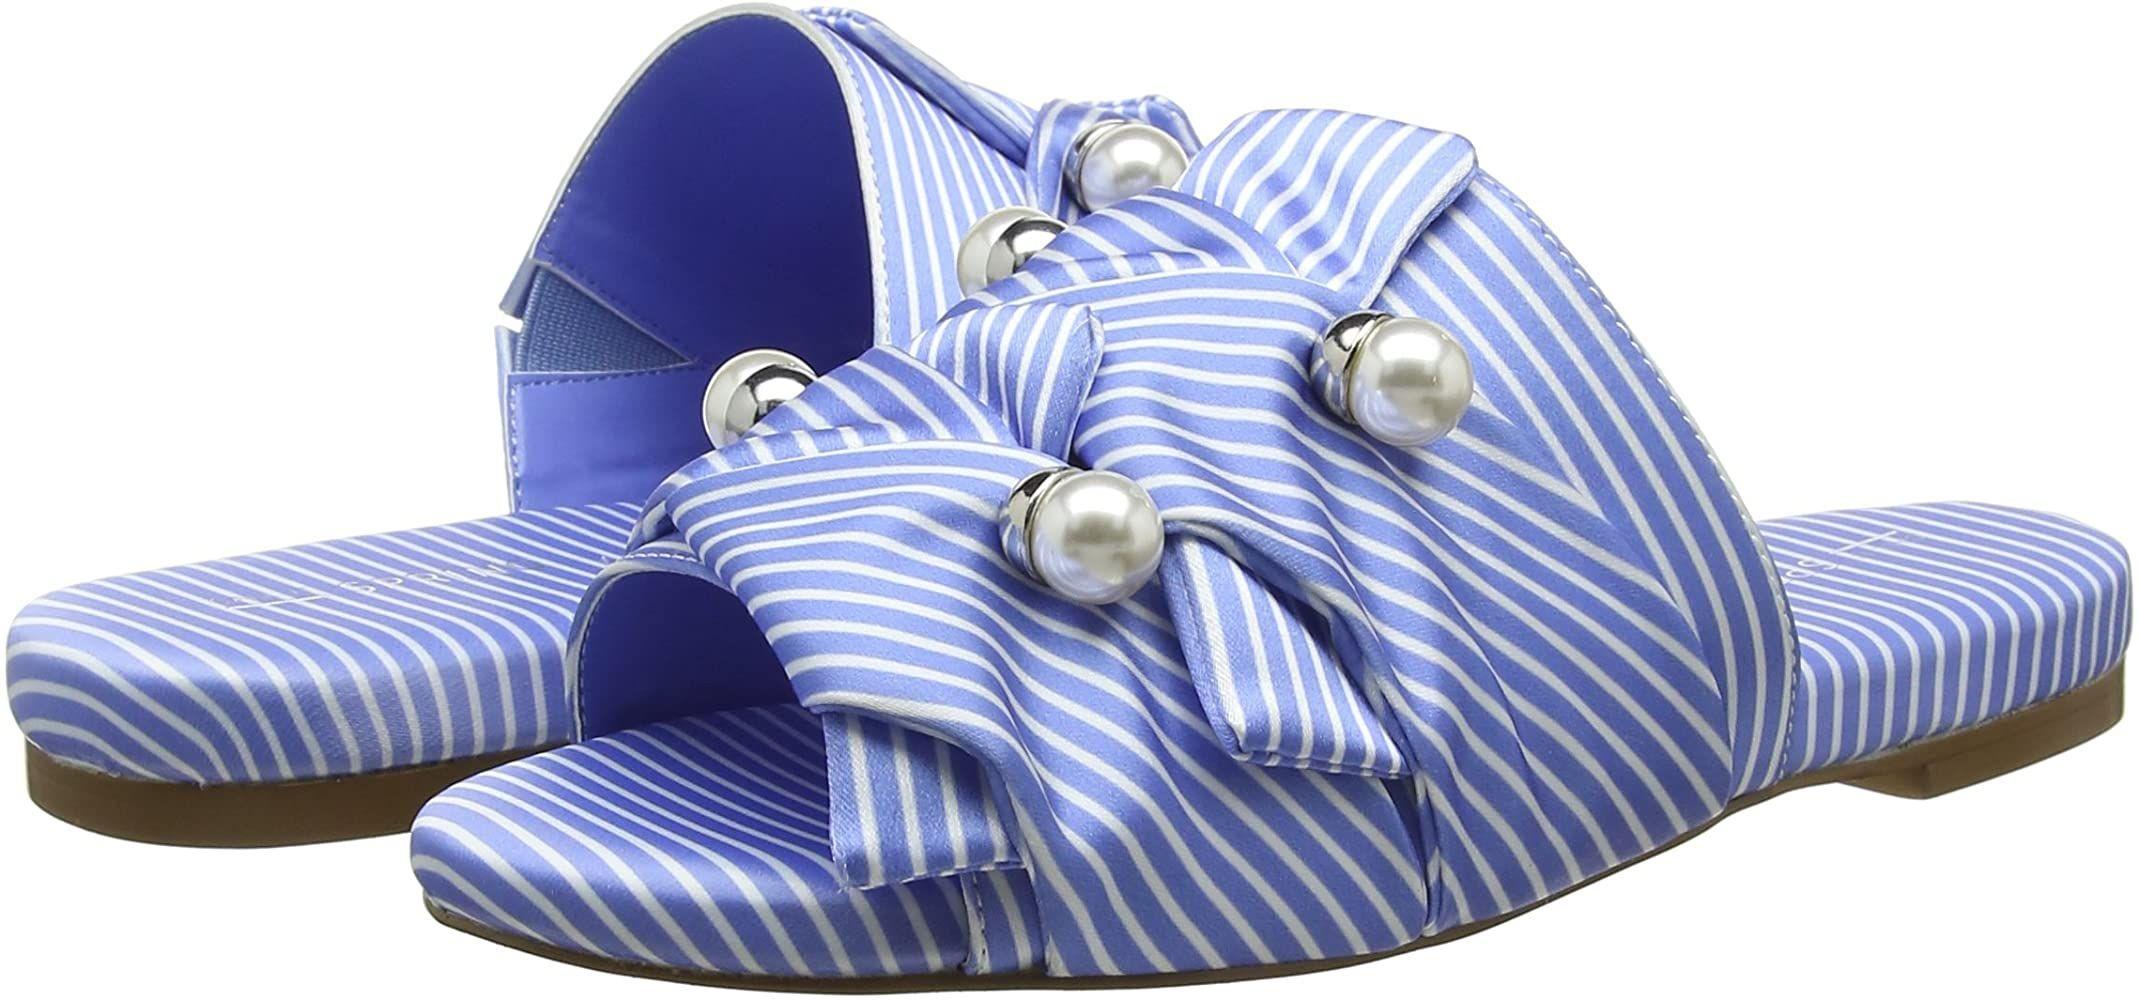 TALLA 37 - Sandalia plana para mujer con púas, pliegues y perlas